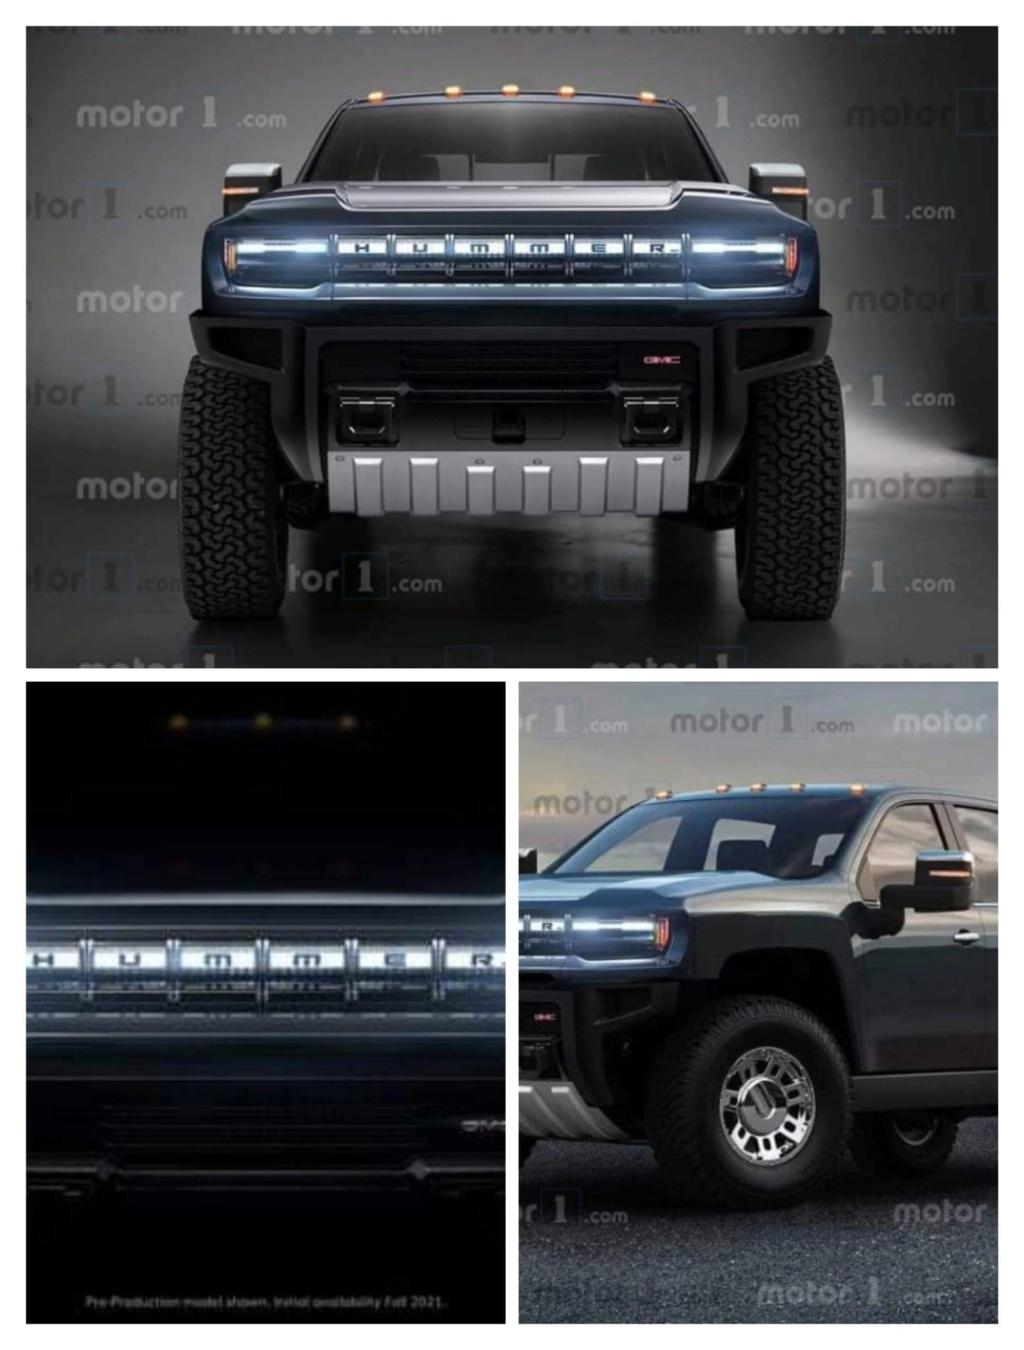 Voilà les photos du nouveau Hummer électrique  84152510